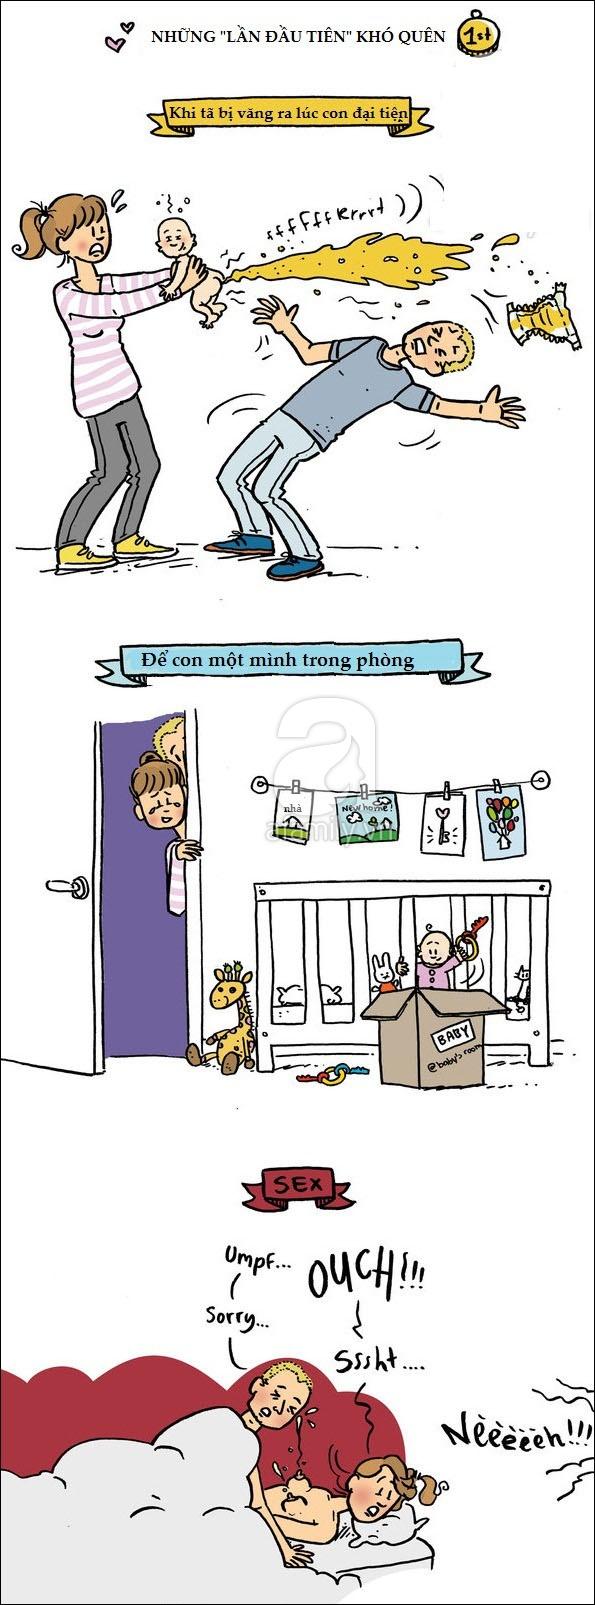 Bộ tranh hài hước phơi bày sự thật trần trụi của các bà mẹ khi mang thai và sau sinh - Ảnh 7.